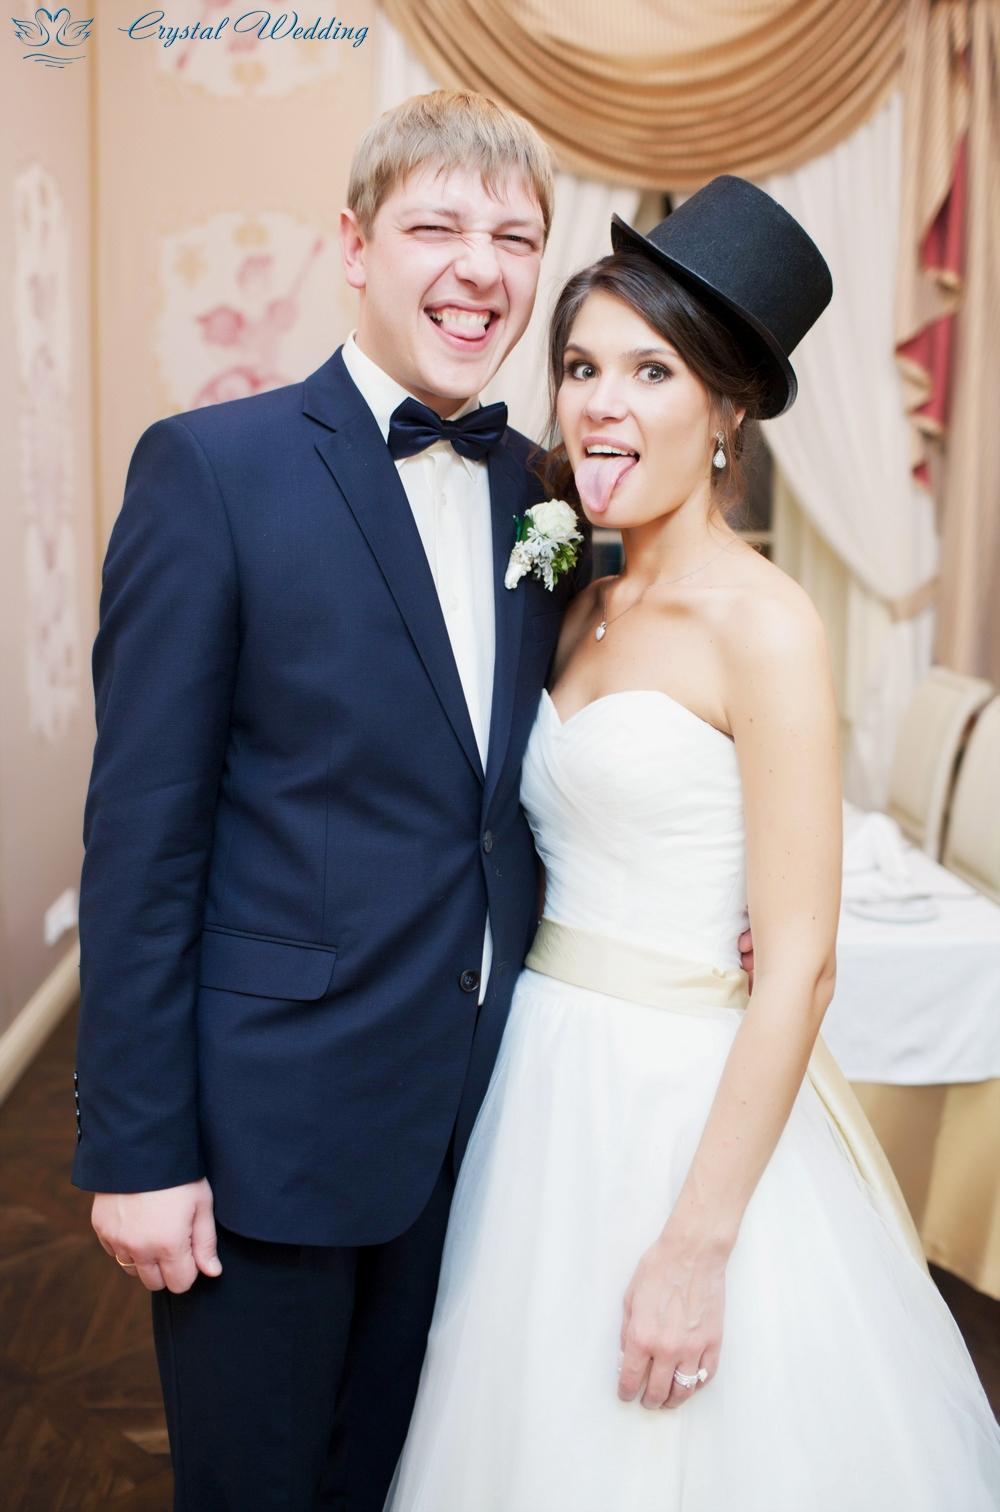 Daria & Andrei